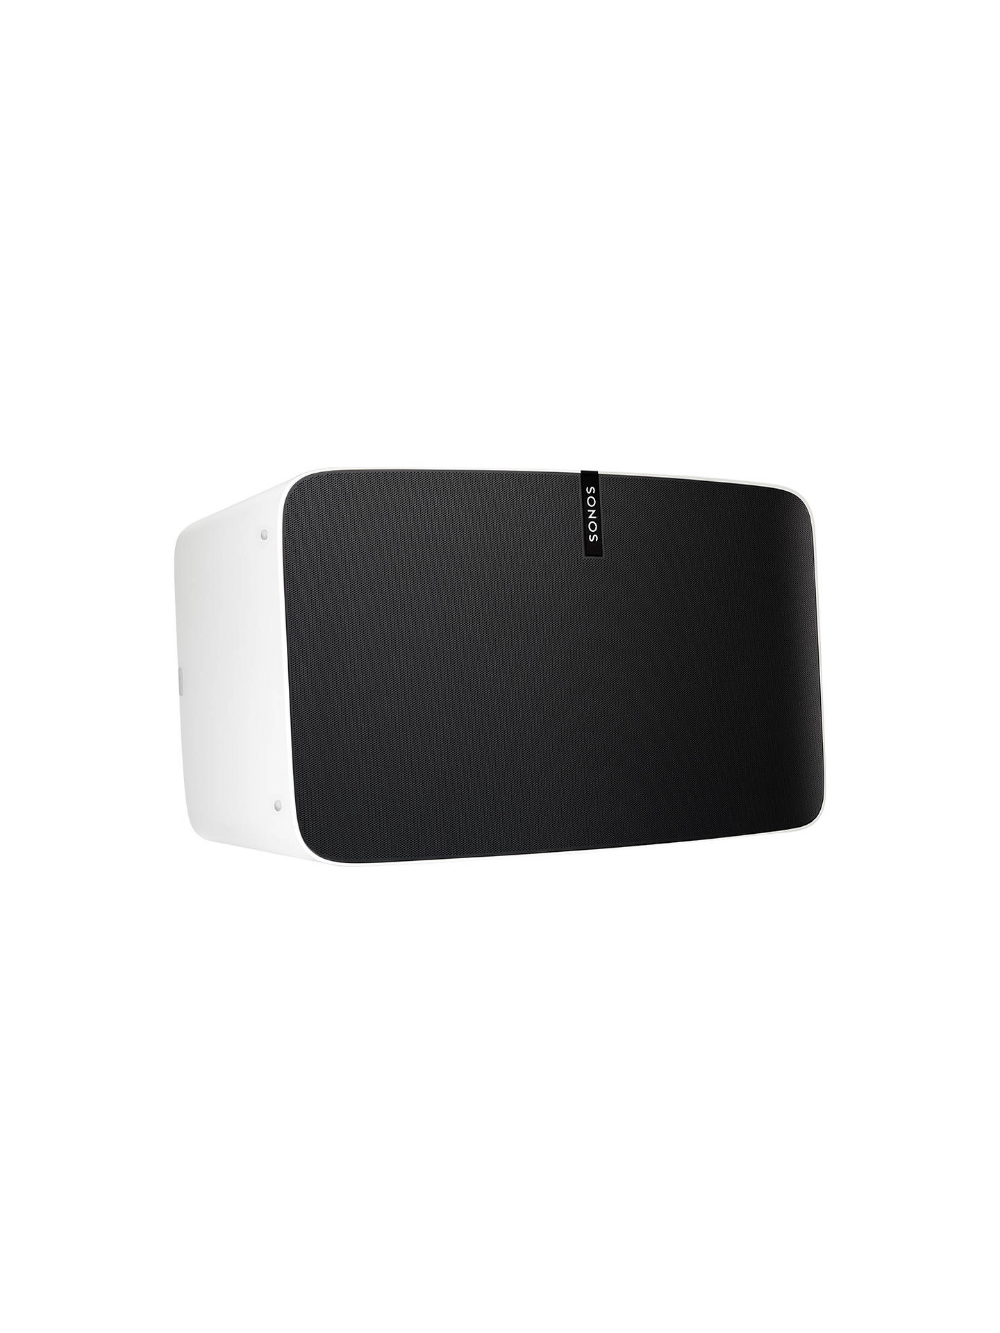 Sonos Play 5 Smart Speaker 2nd Gen White Sonos Play Sonos Smart Speaker